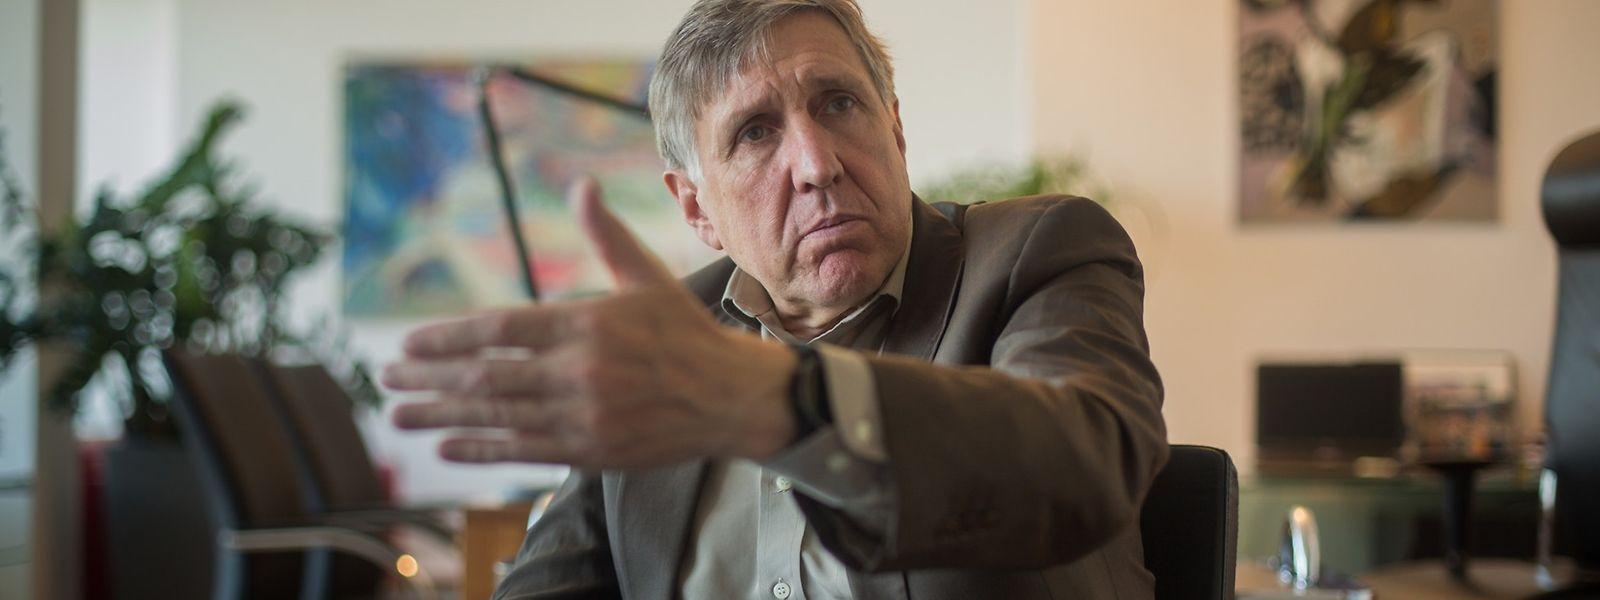 Selon Luc Heuschling, François Bausch, le ministre de la Mobilité, a outrepassé son autorité politique en écrivant directement au Parquet.